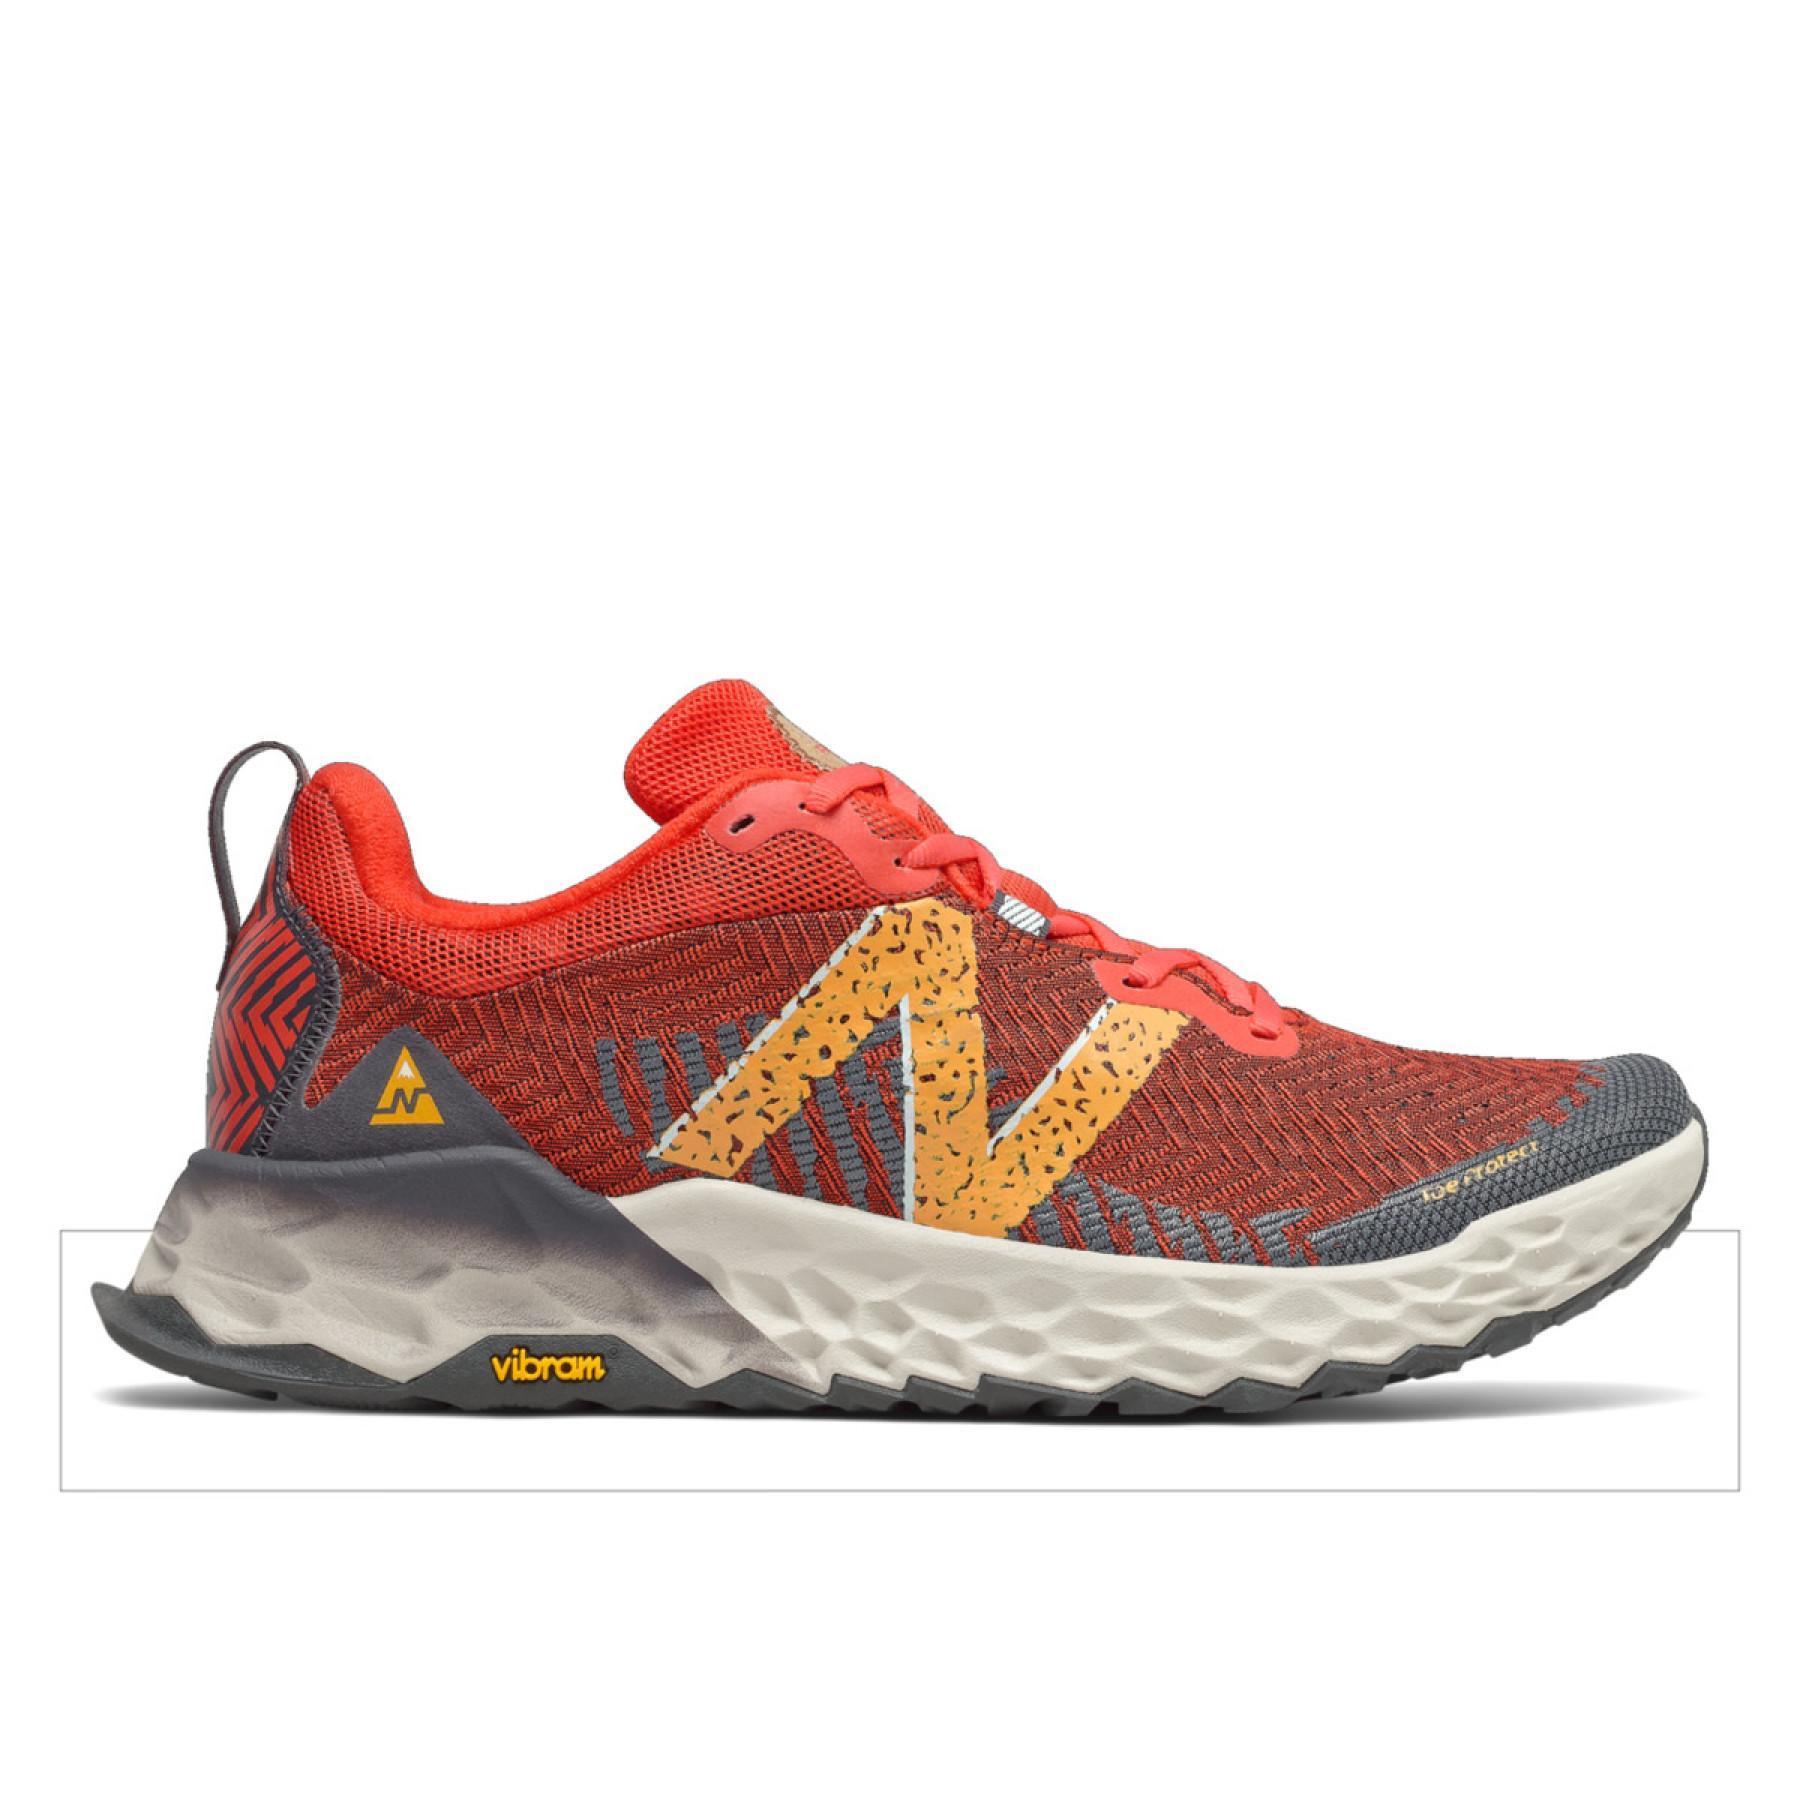 New Balance fresh foam hierro v6 schoenen